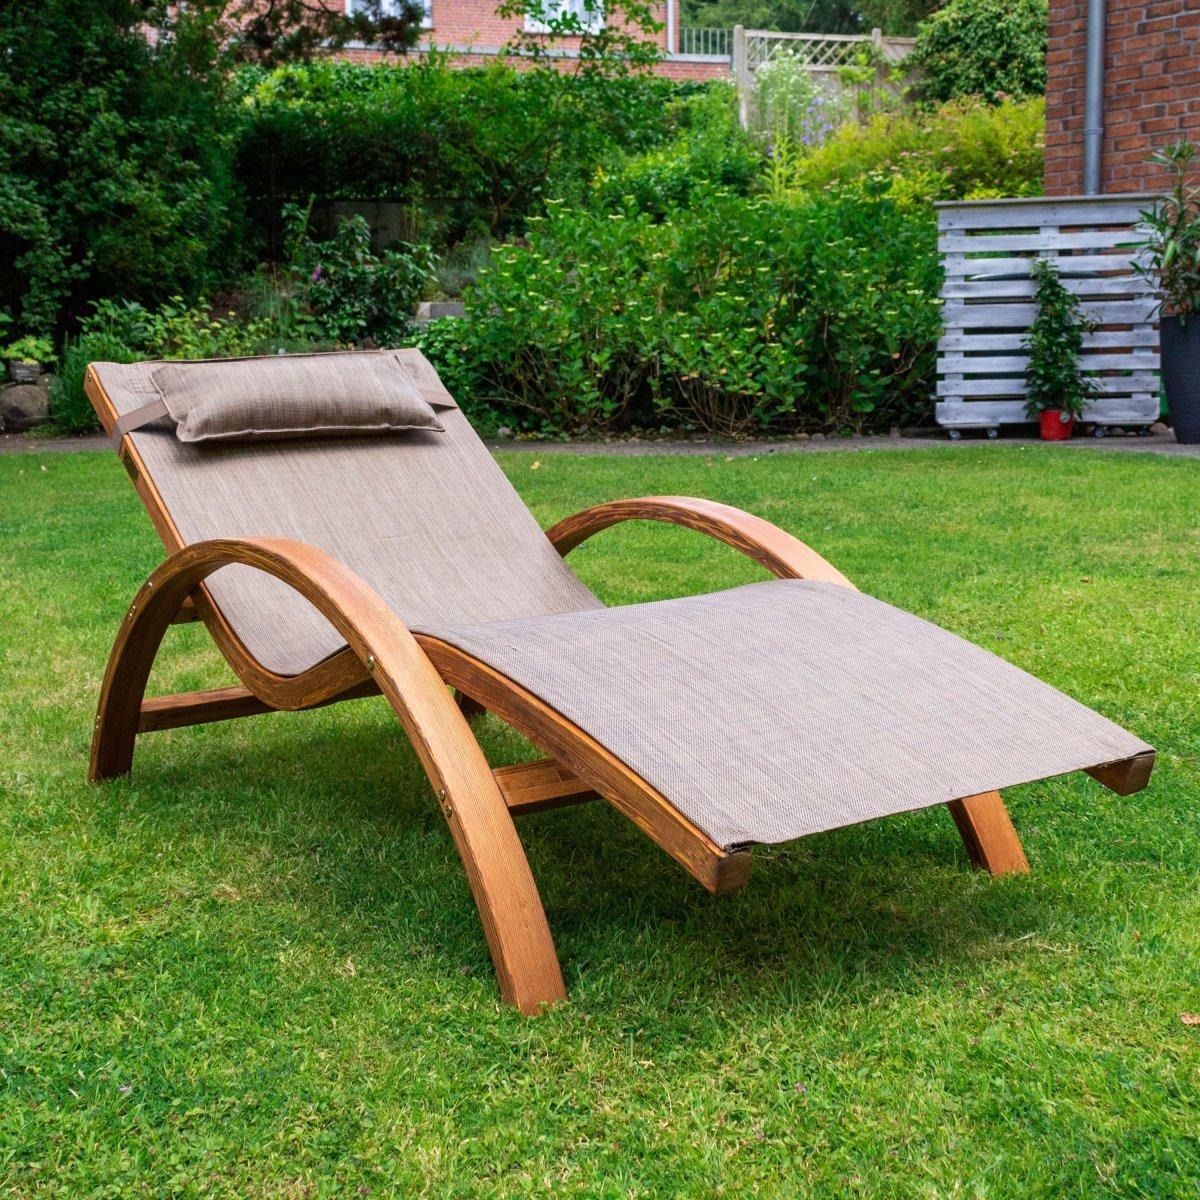 Gartenmobel Bauen Mit Paletten : Relax und Gartenliege Tropica 170×70 cm, Holz, mit Kopfkissen zum